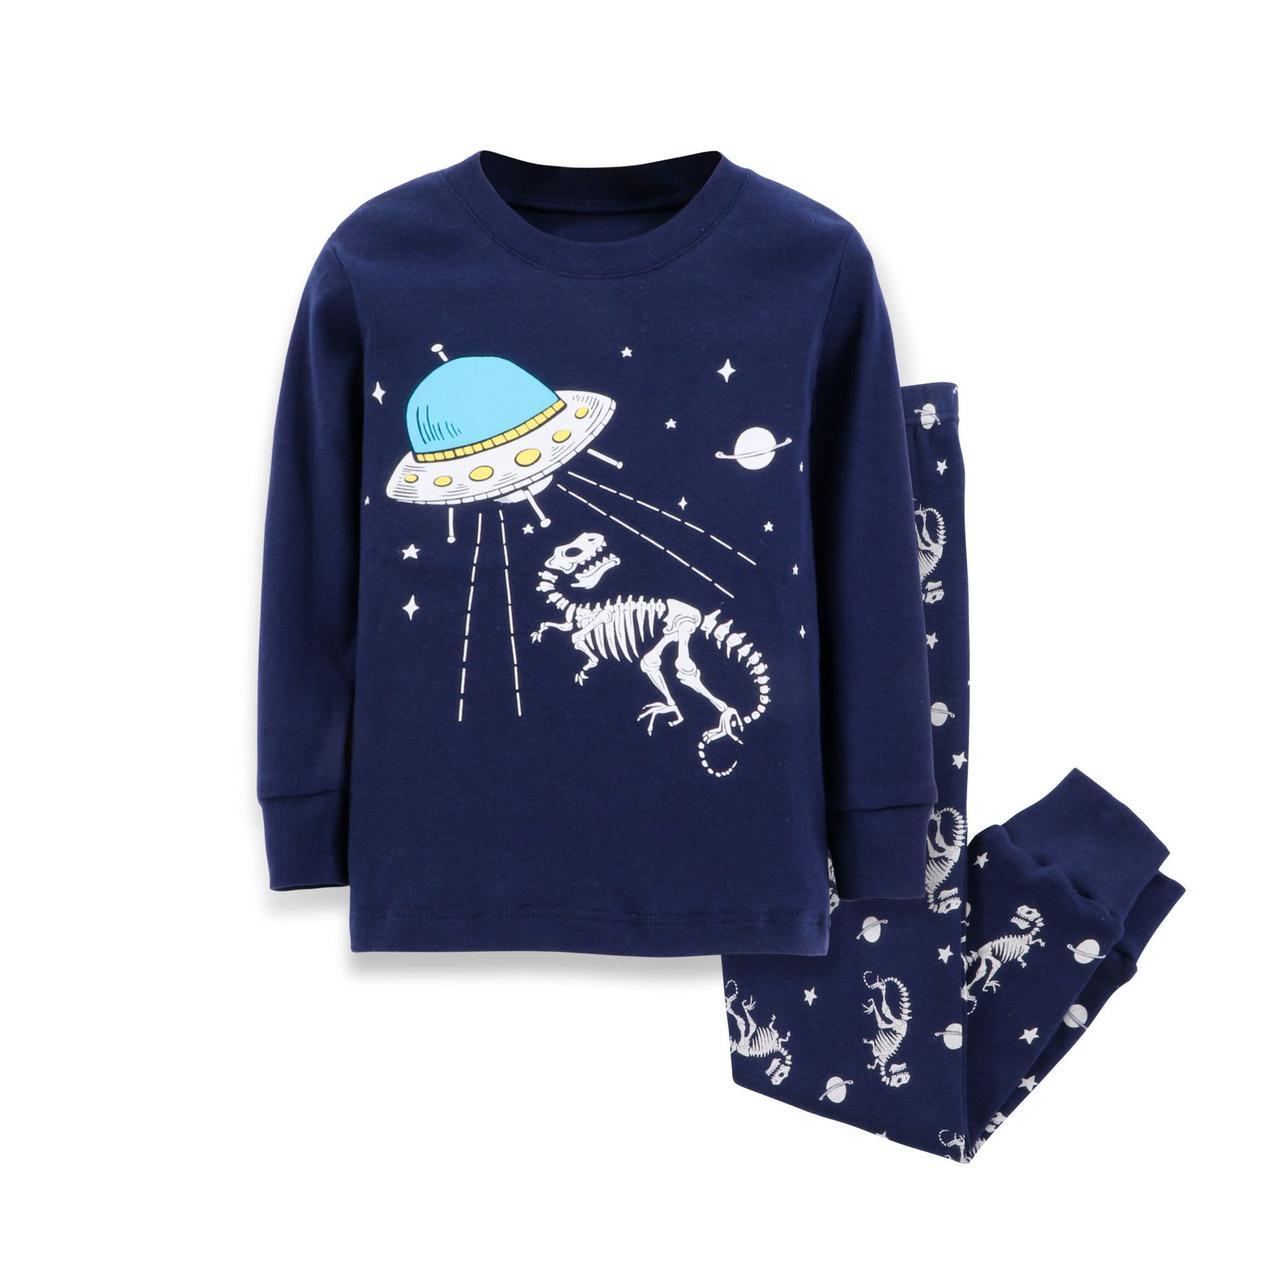 Детская пижама для мальчика артикул 726 нло